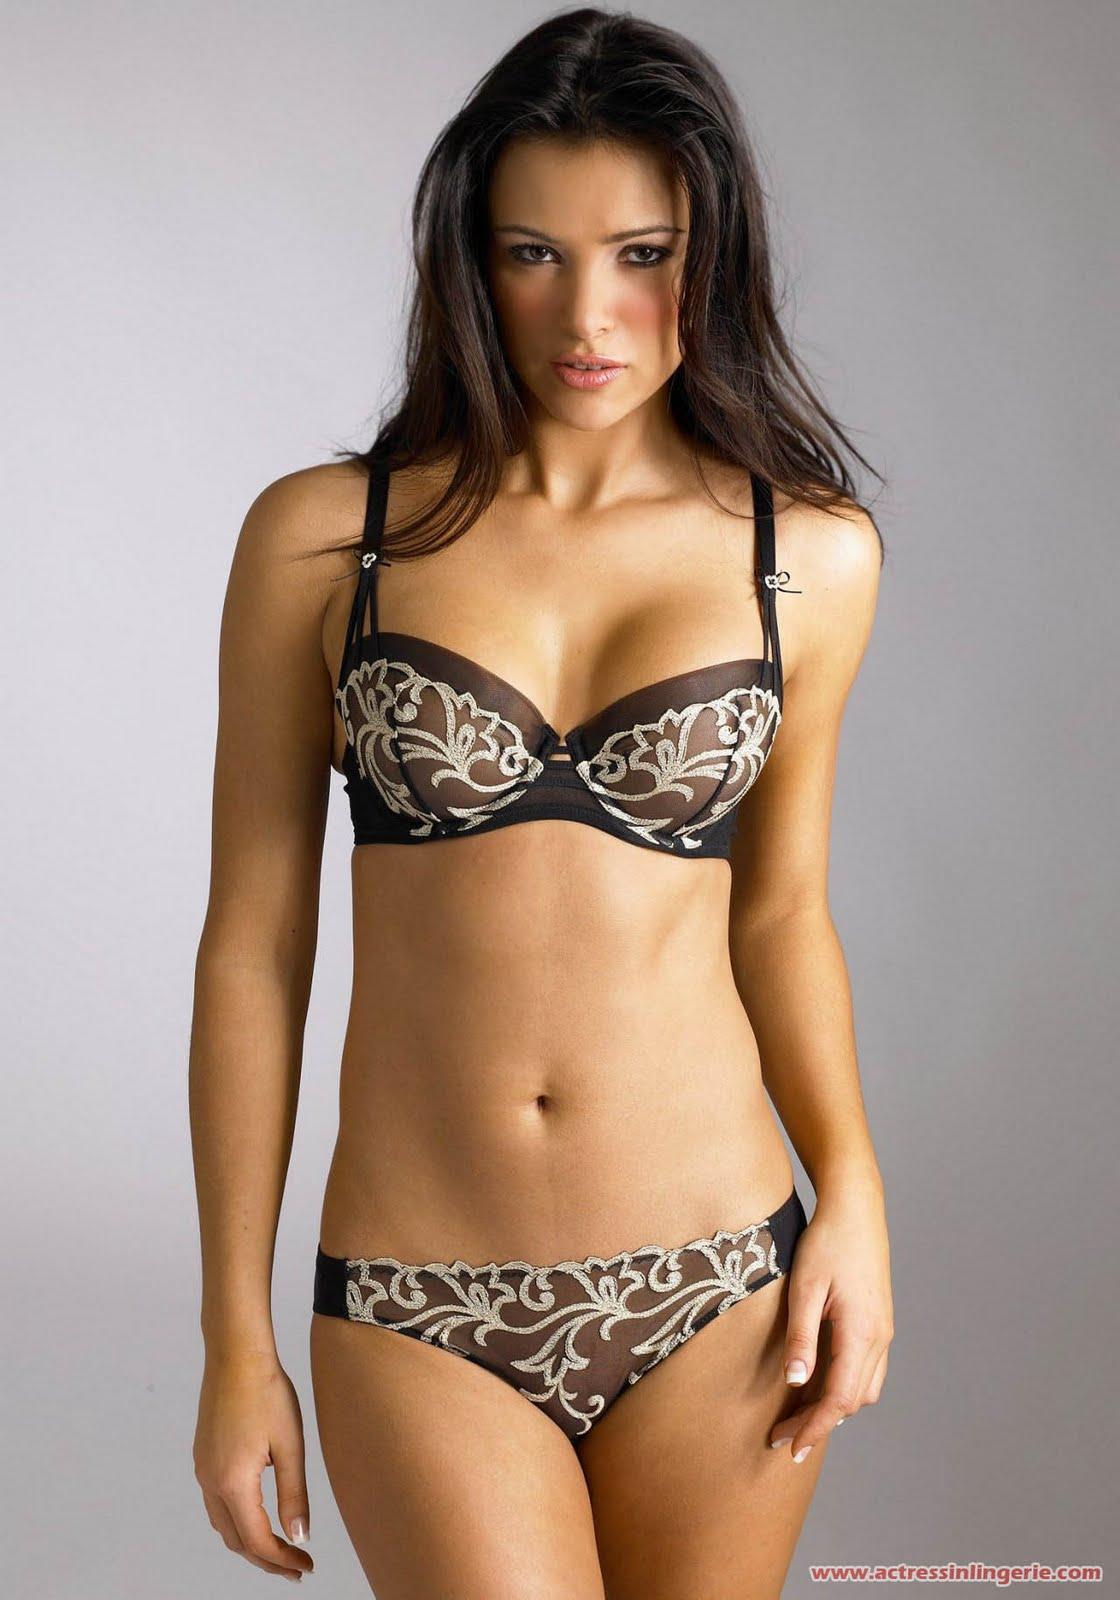 Alina Vacariu Lingerie Pics%2B5 Real Amateur Home Porn